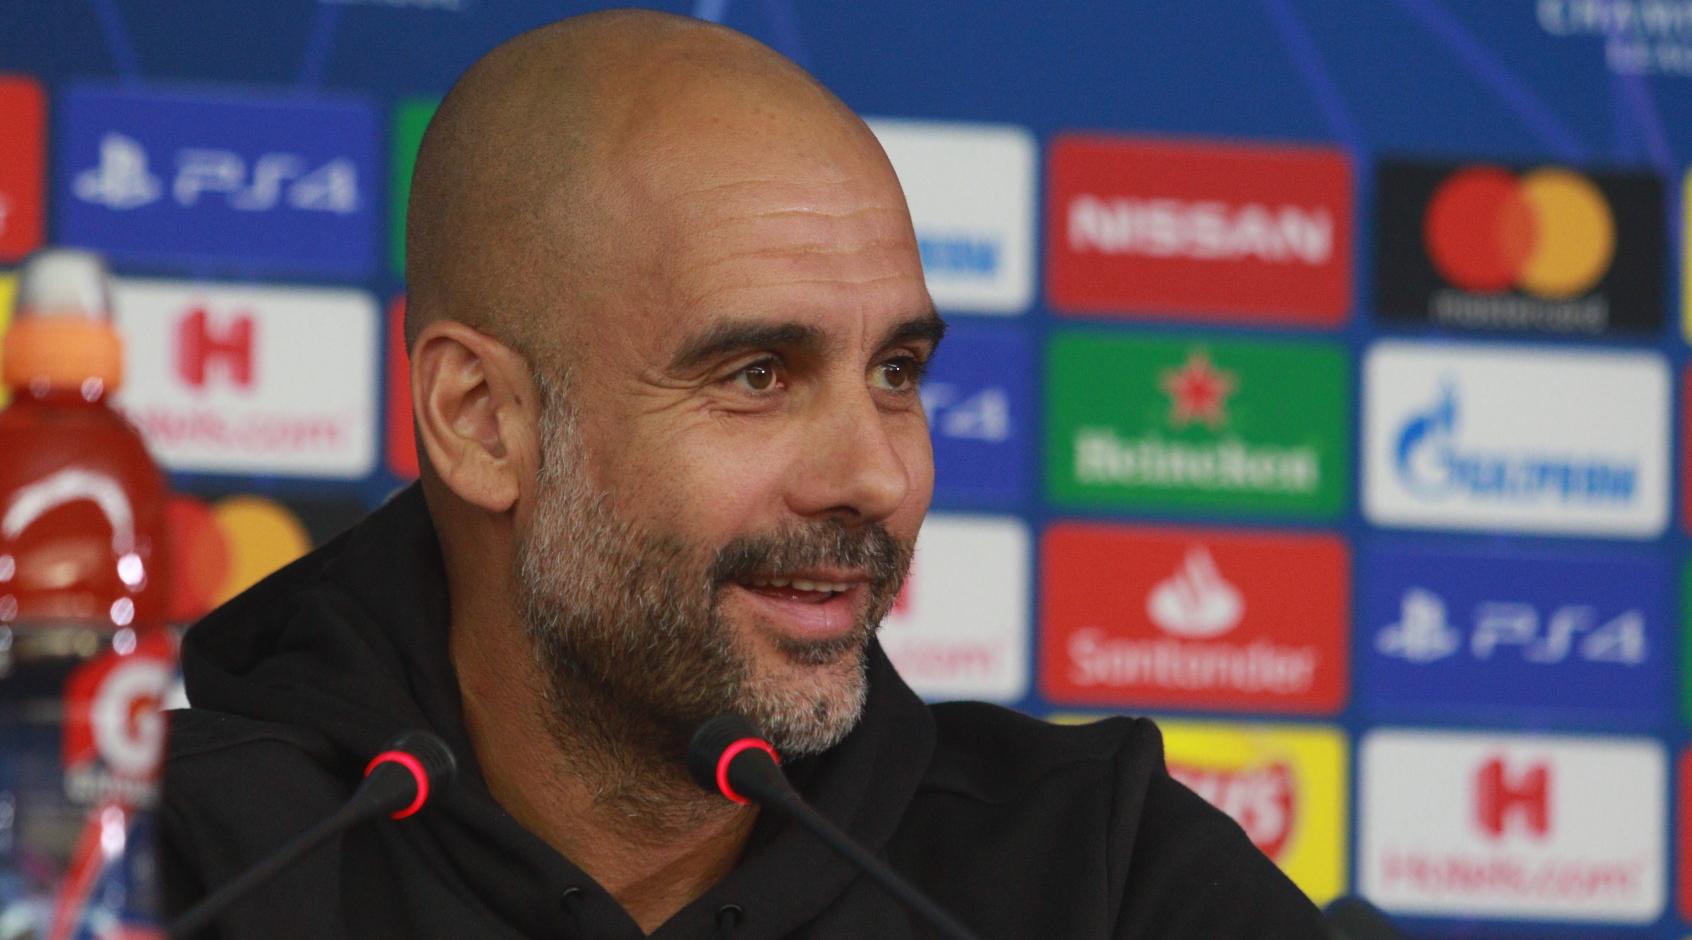 """Хосеп Гвардиола: """"Манчестер Сити"""" был великолепен, за исключением первых 10 минут"""""""